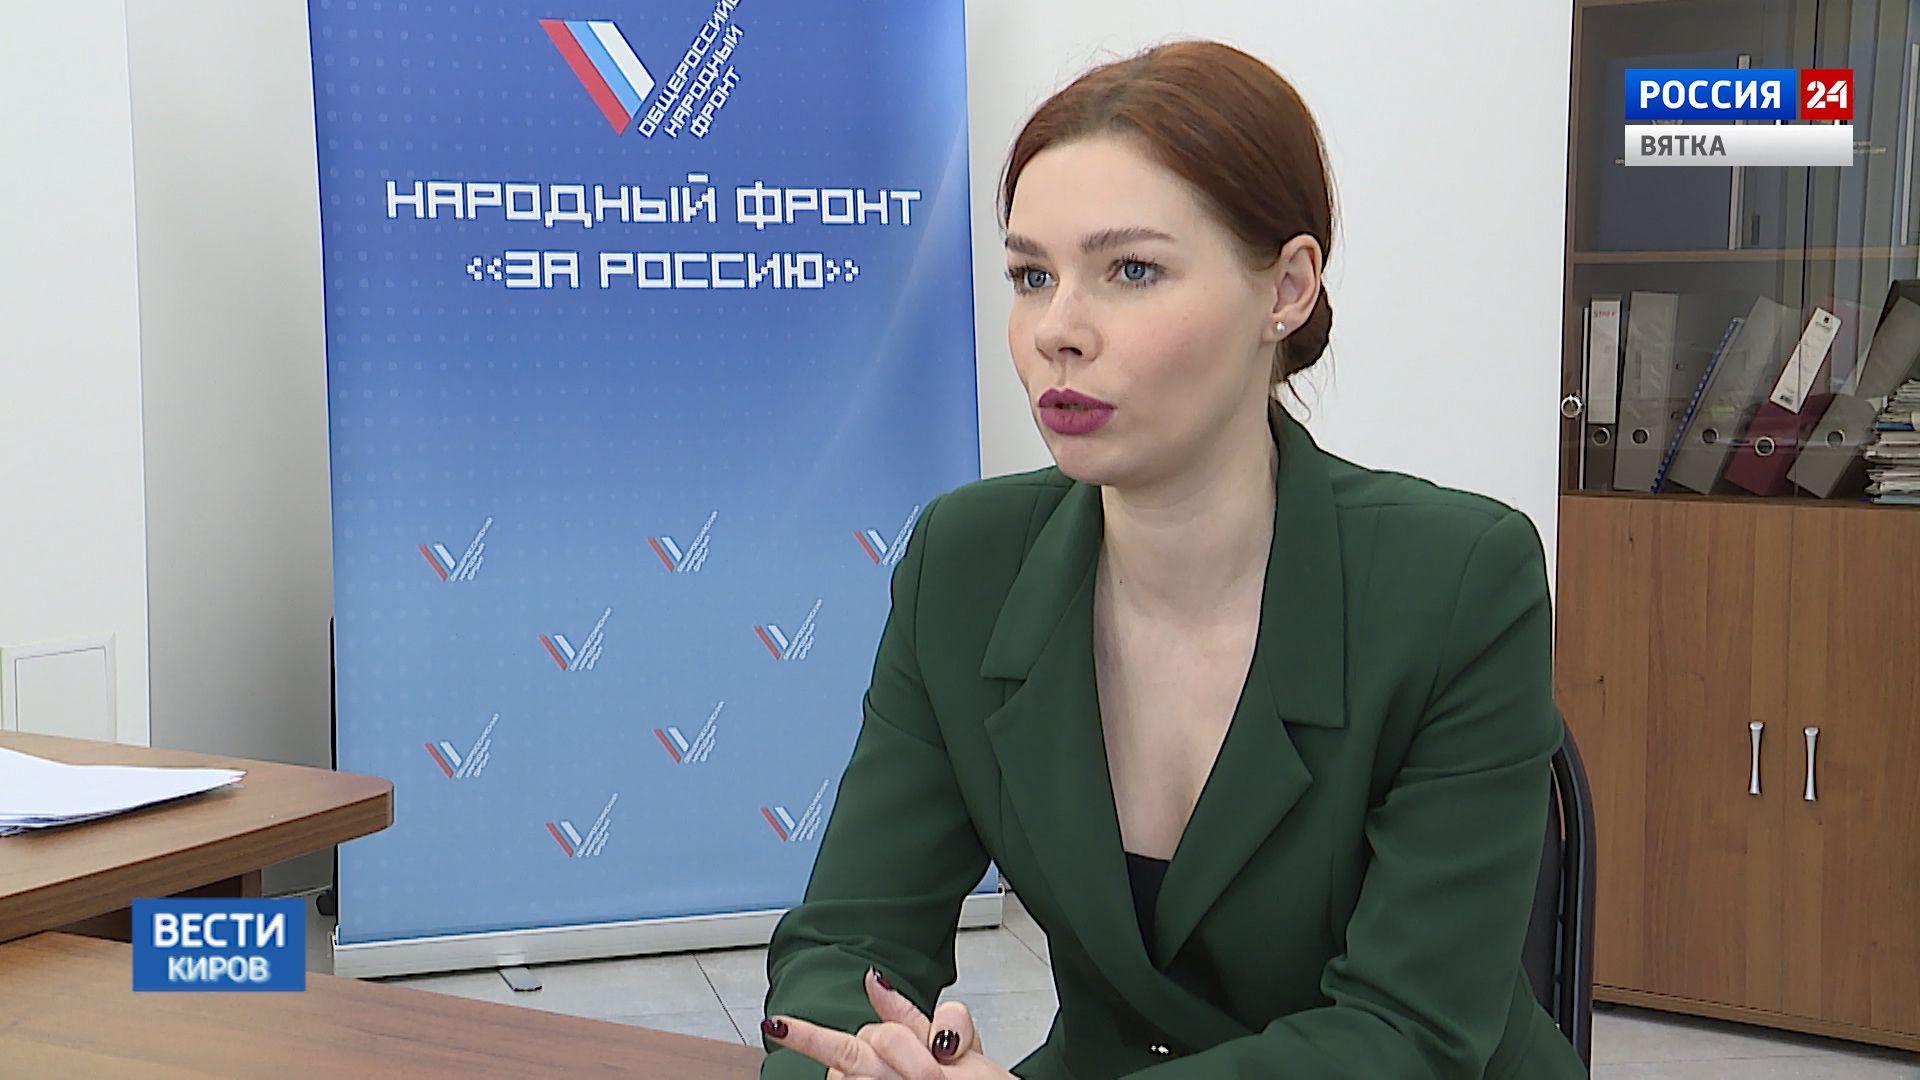 В Кирове и области волонтеры помогают пожилым людям и маломобильным гражданам